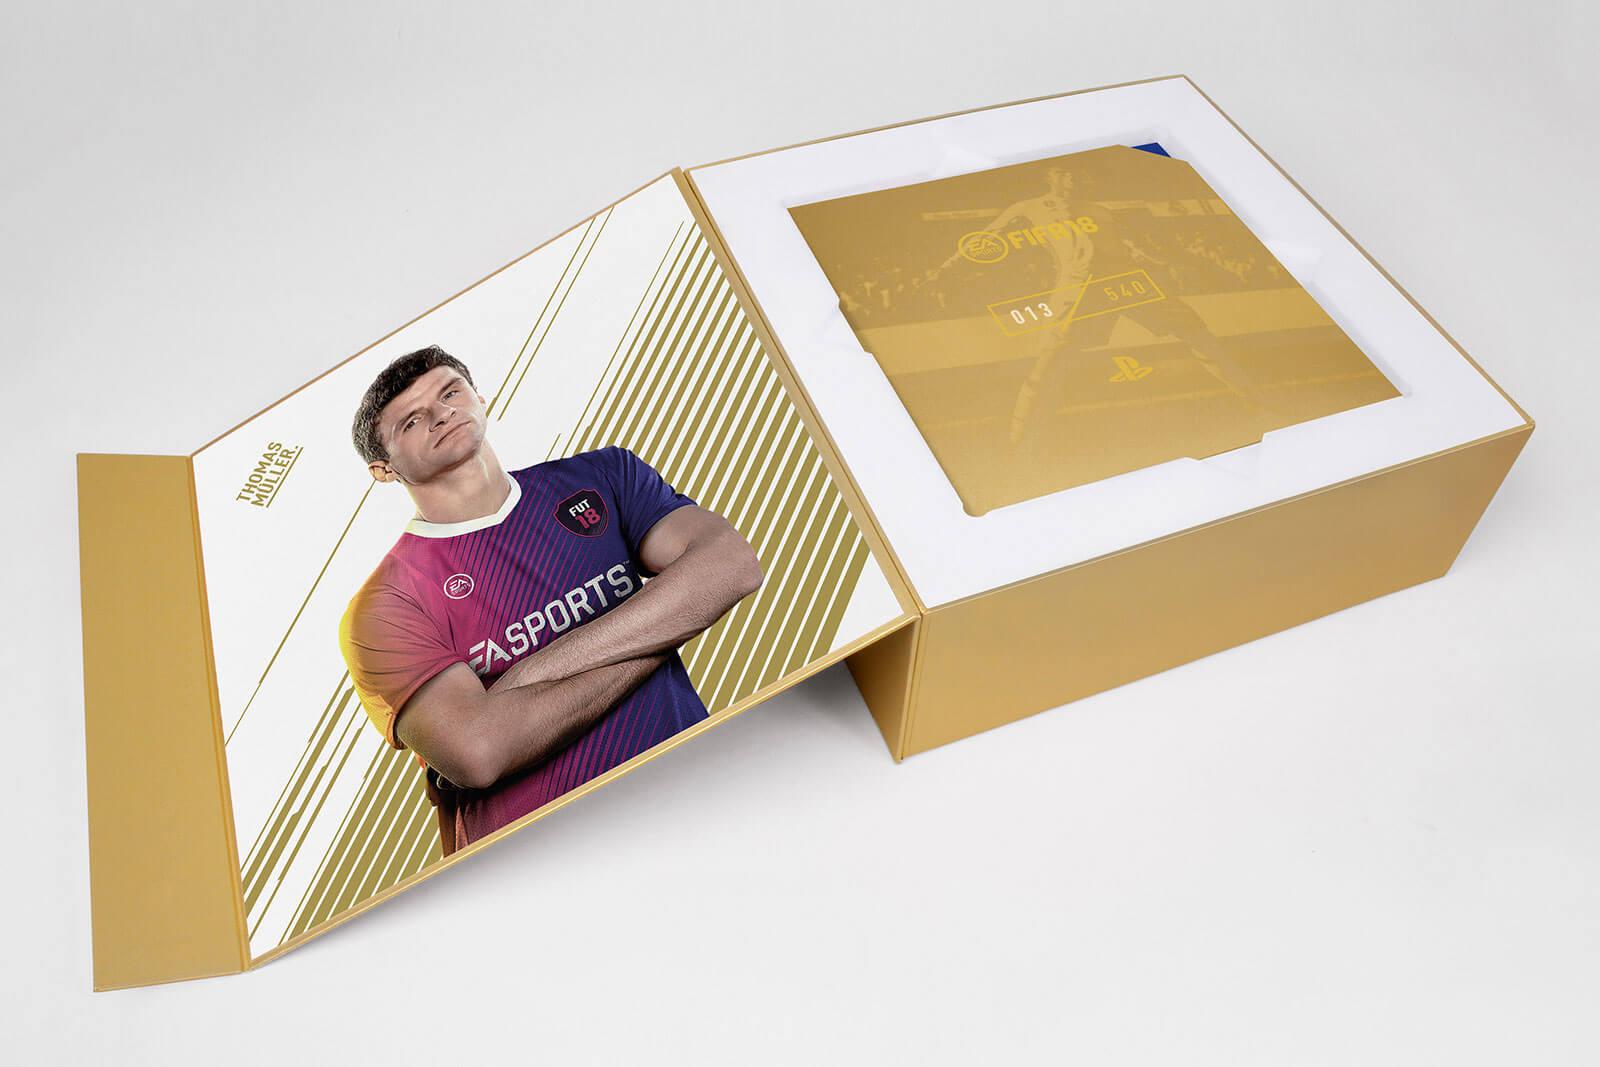 FIFA 18: Media Kit - Card Platform